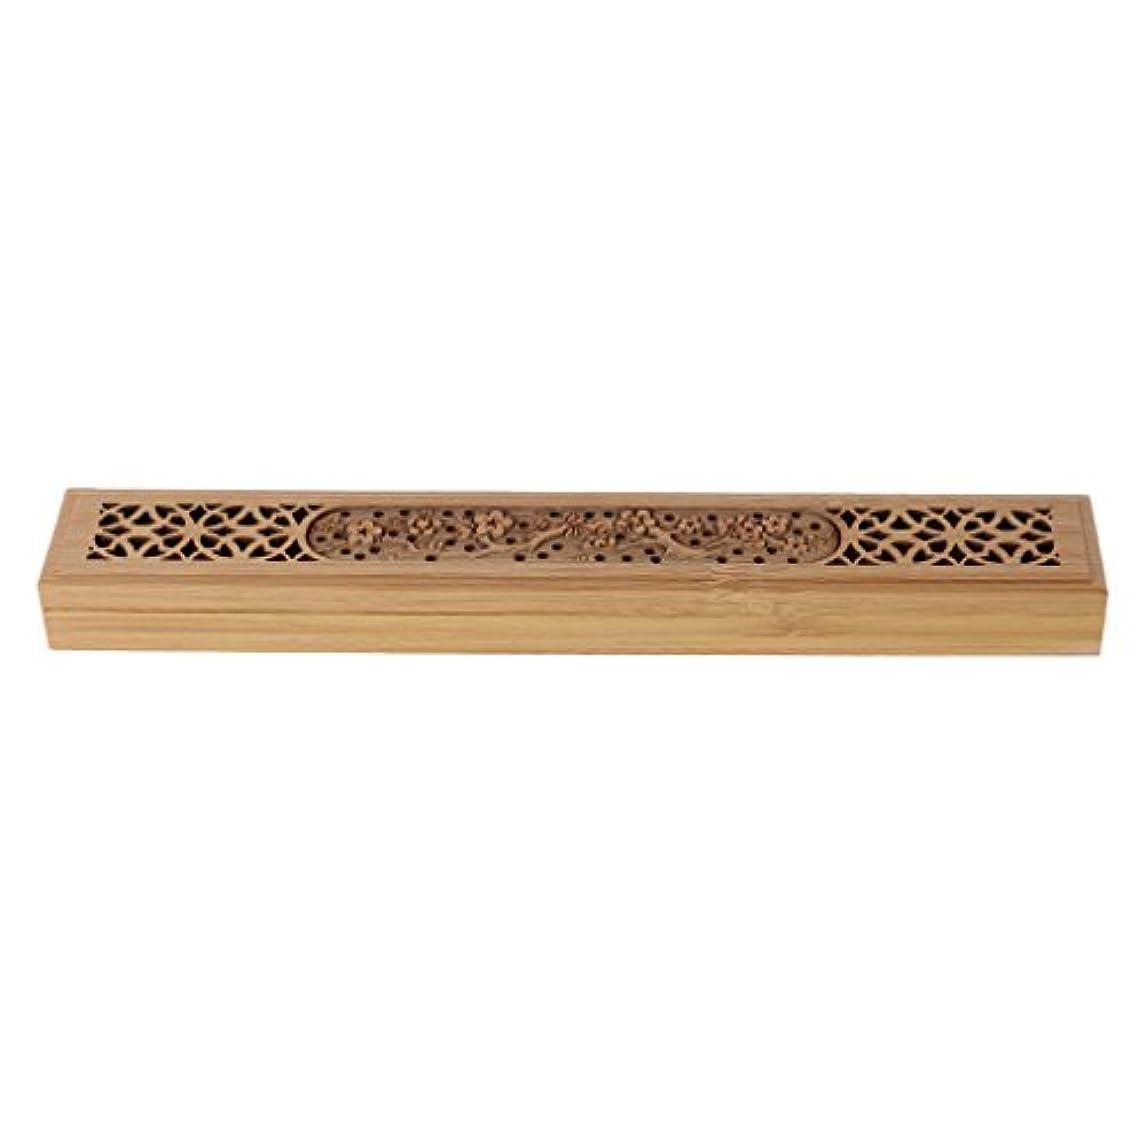 緑シーフード母音SimpleLife 木製の香炉バーナーレトロな手彫り中空のジョス棒の香りホルダーボックス